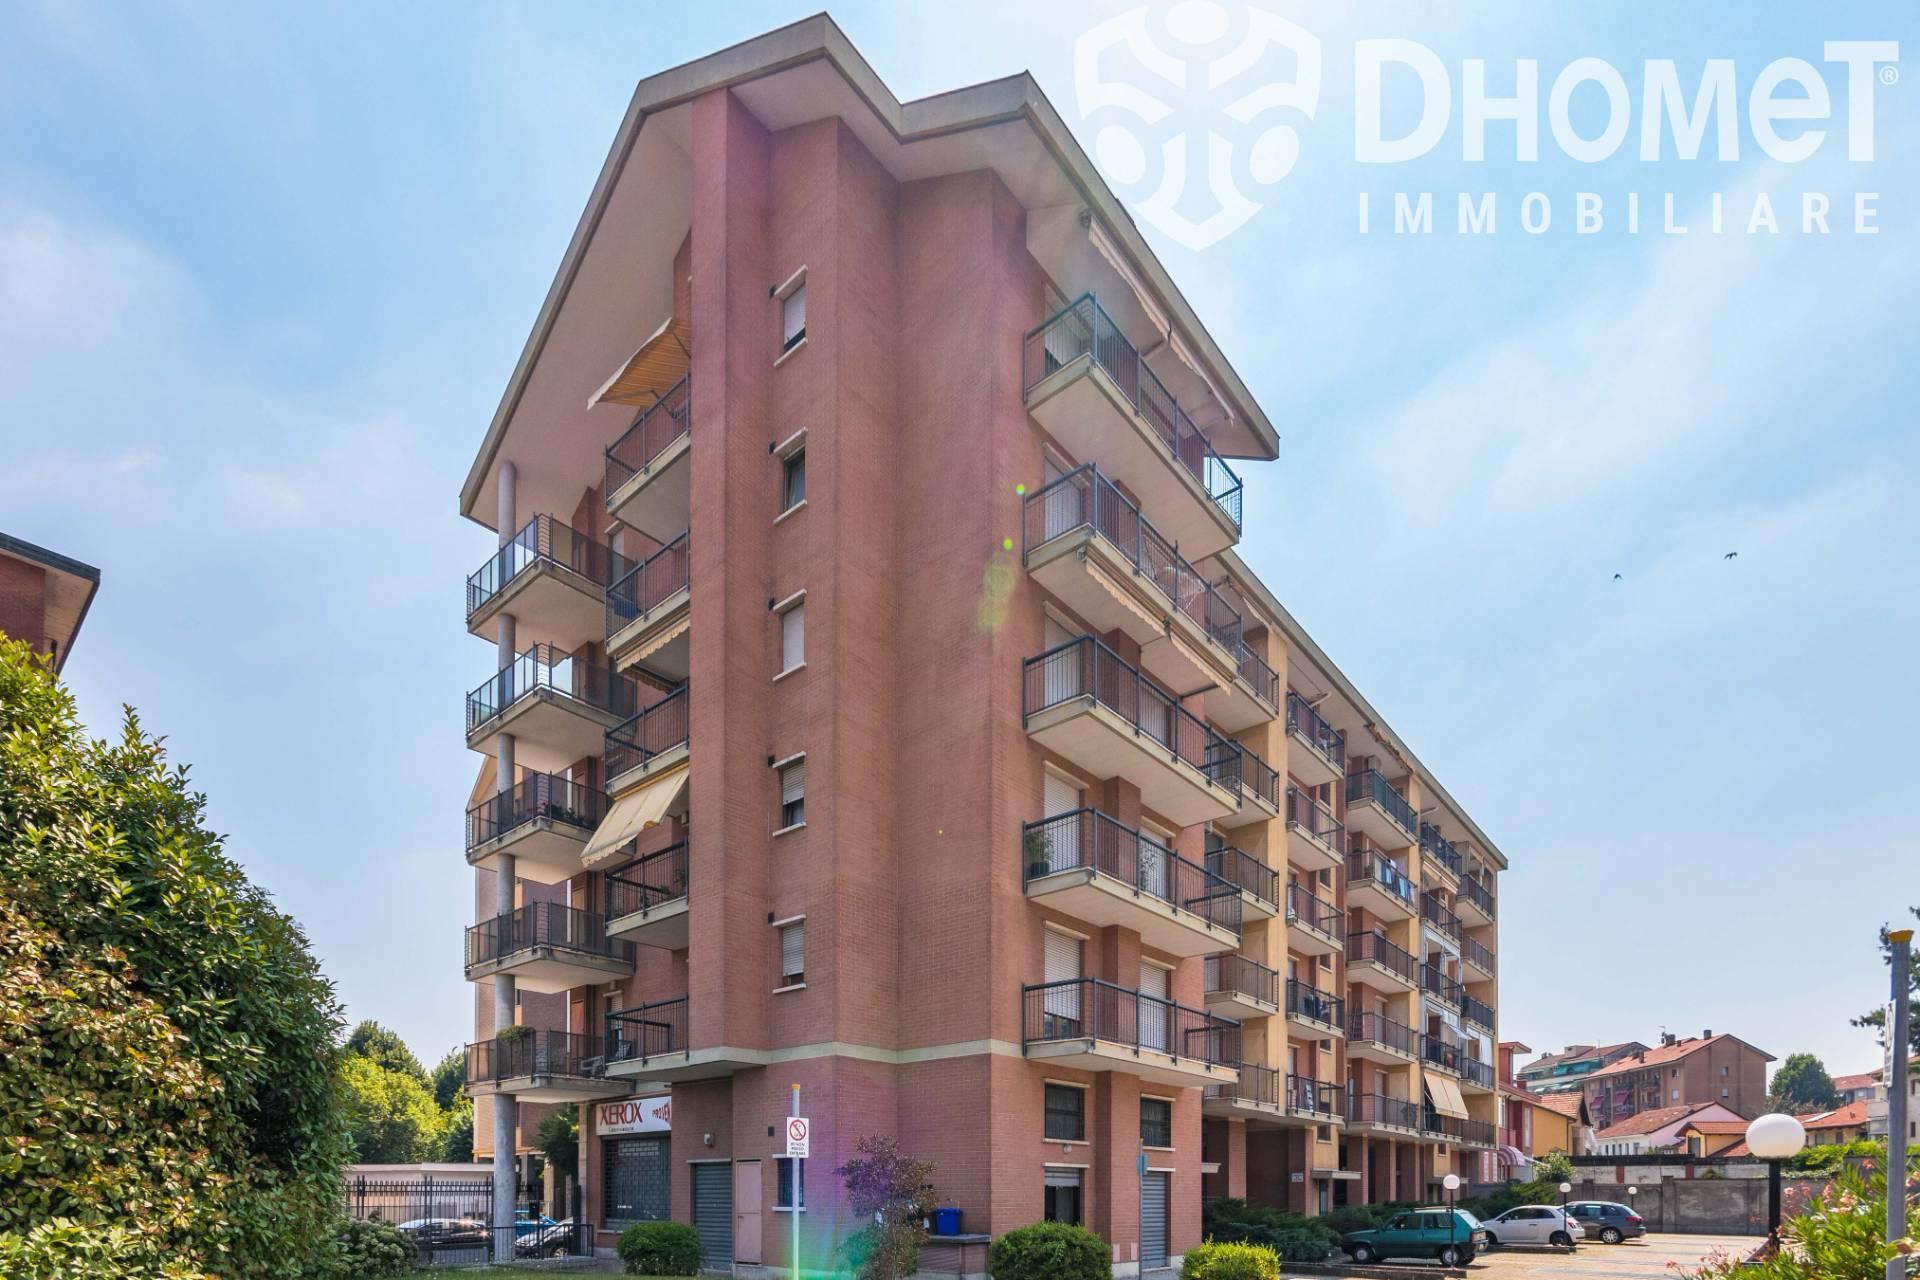 FONDO COMMERCIALE in Vendita a Pozzo Strada, Torino (TORINO)